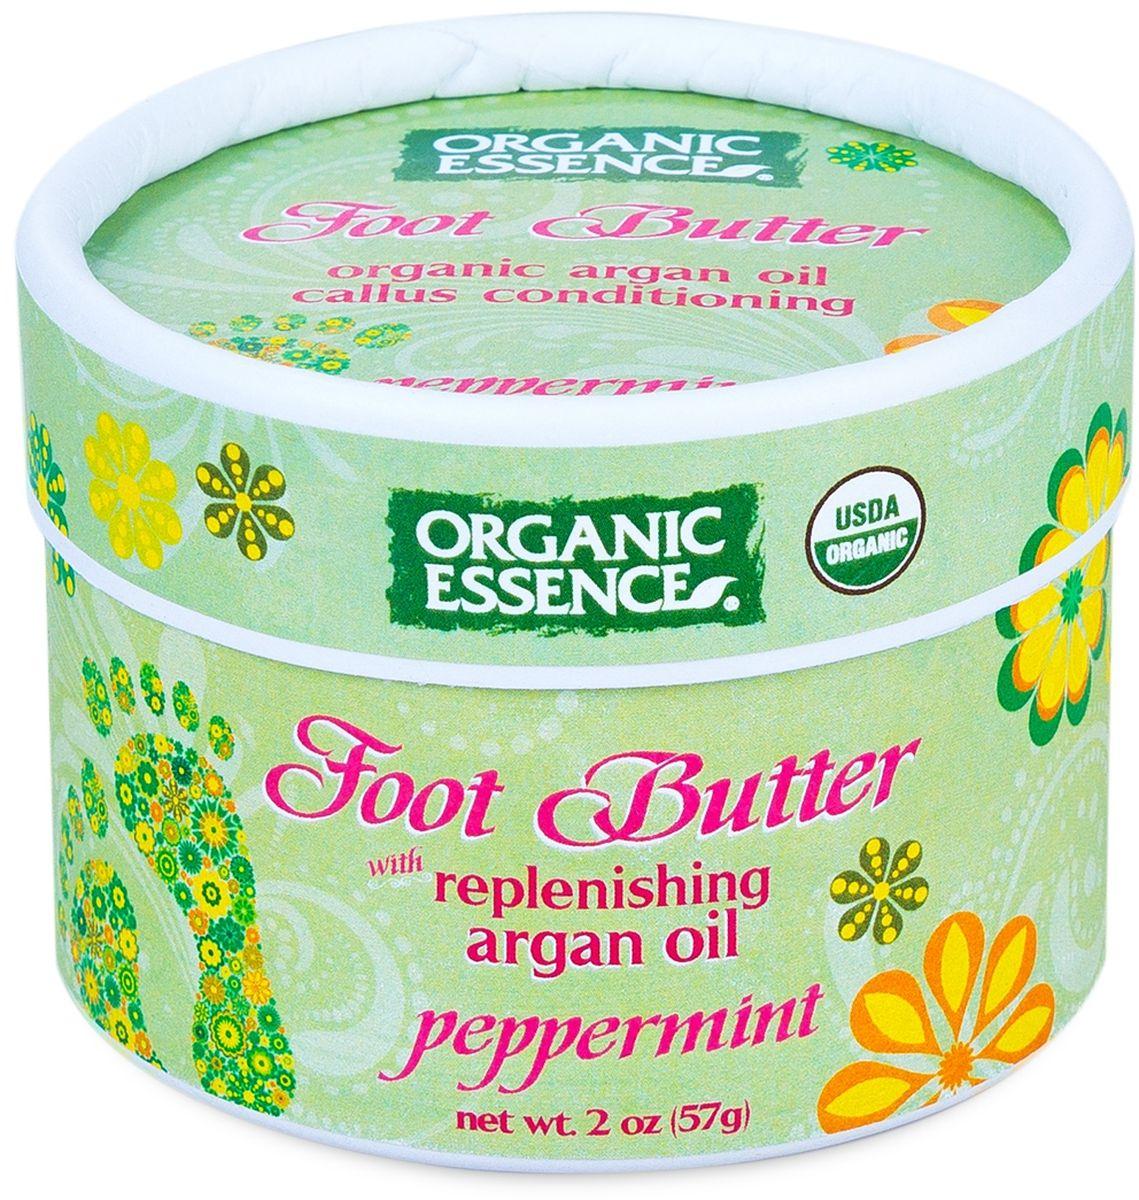 Organic Essence Органический крем для ног Мята перечная 57 гр green mama перечная мята и шалфей дезодорант для ног